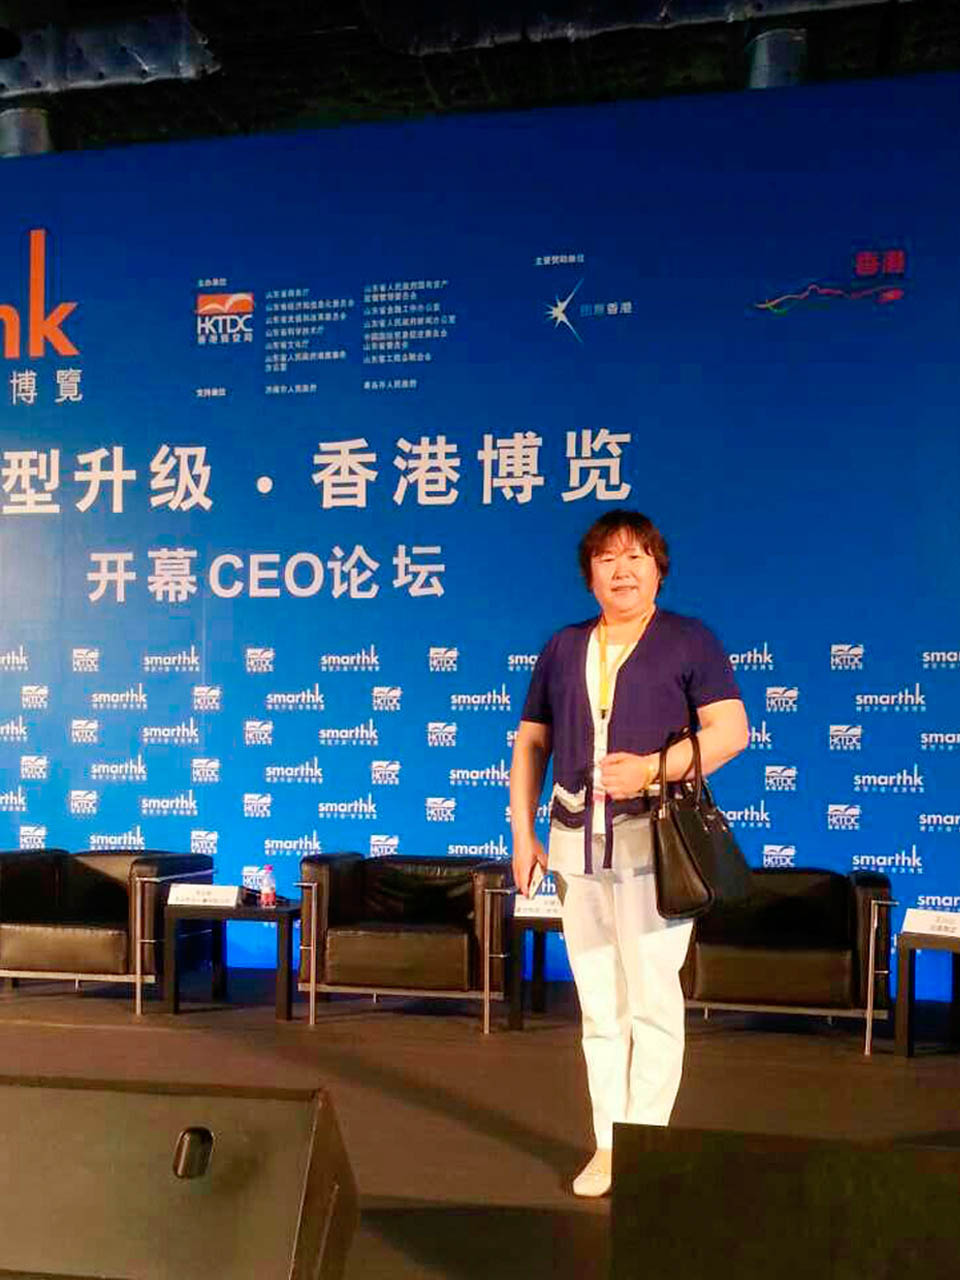 香港博览CEO论坛会